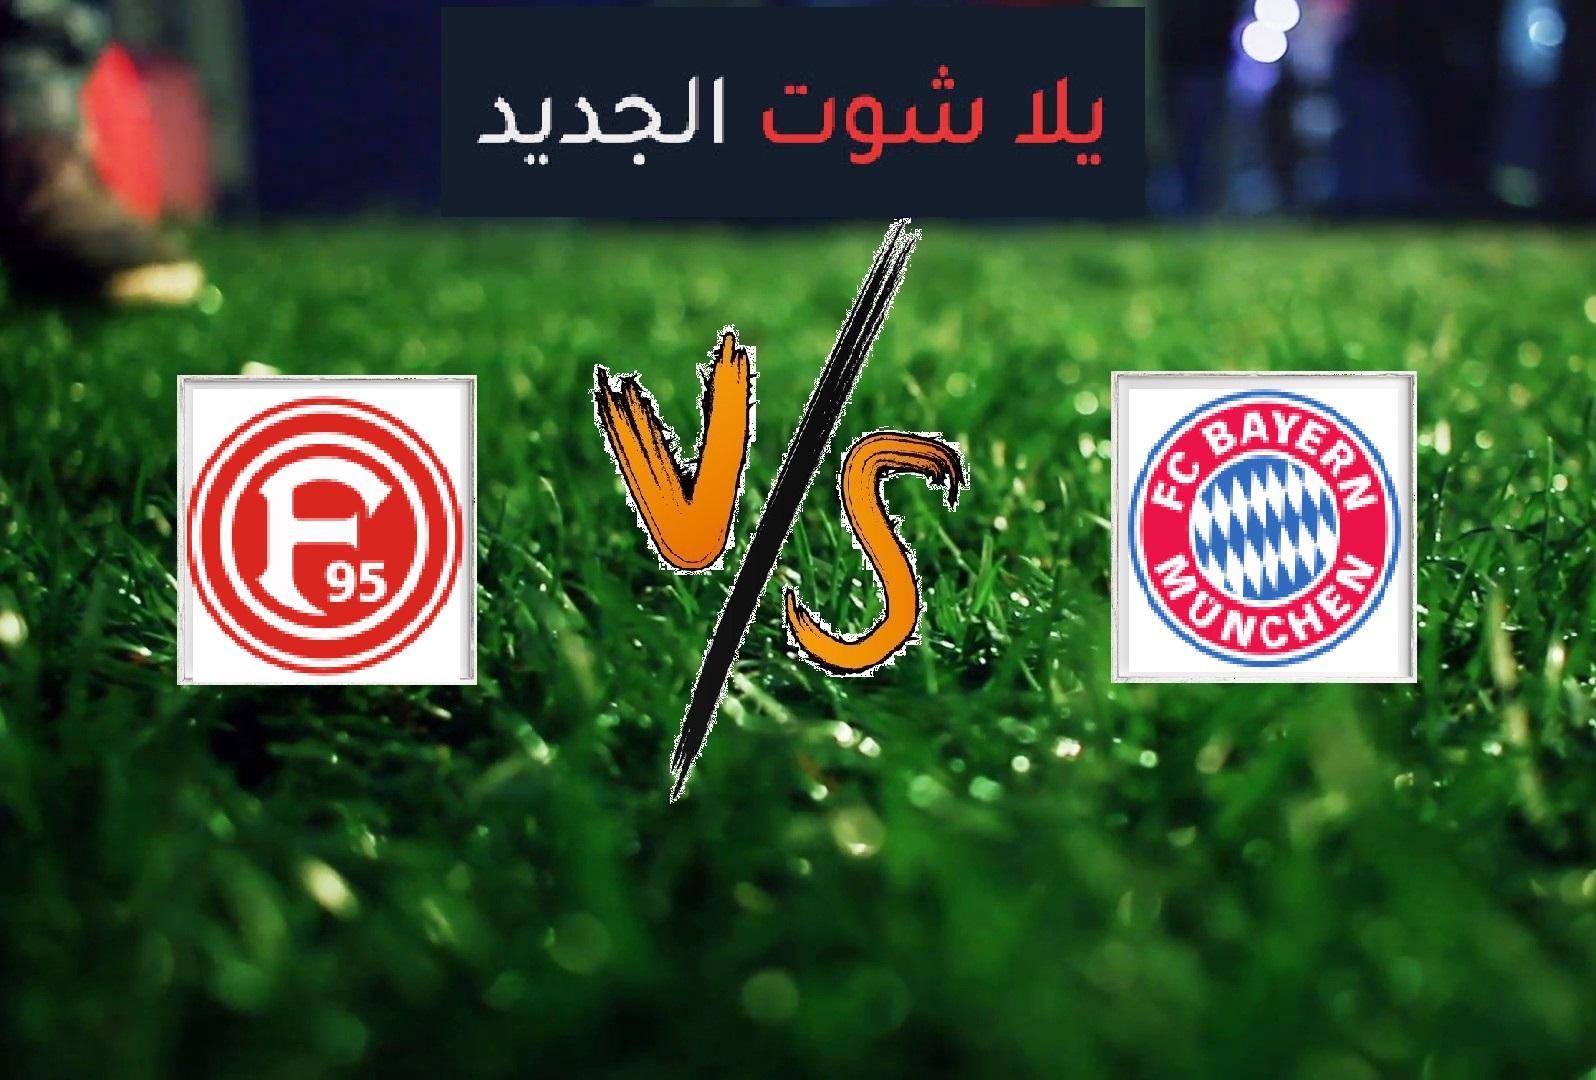 نتيجة مباراة بايرن ميونخ وفورتونا دوسلدورف بتاريخ 30-05-2020 الدوري الالماني